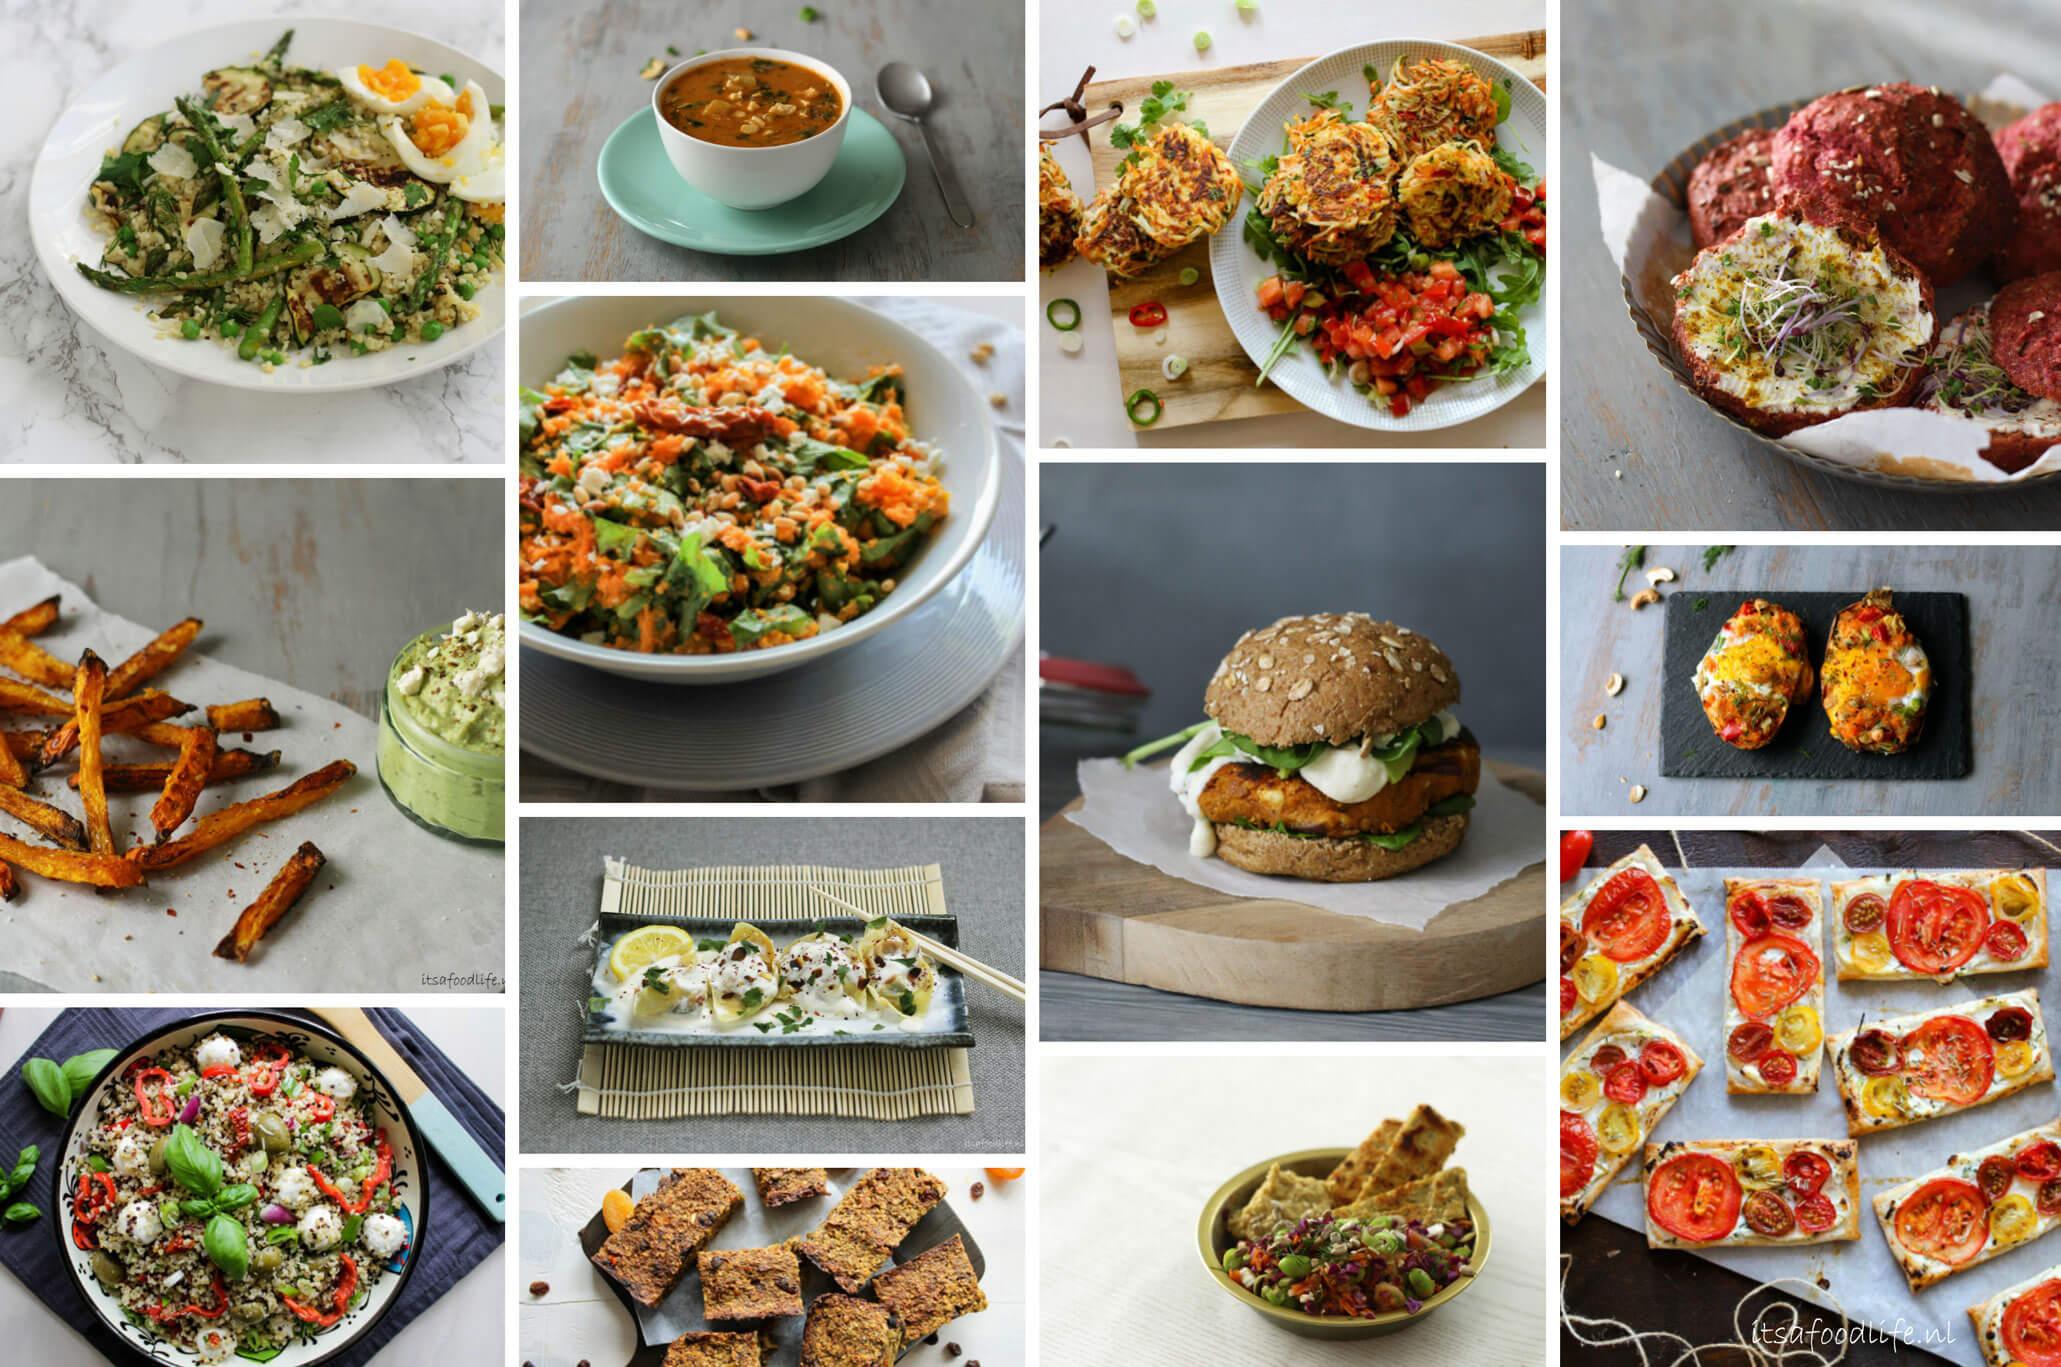 Eetstijlen zonder vlees: van flexitariër naar fruitariër | It's a Food life